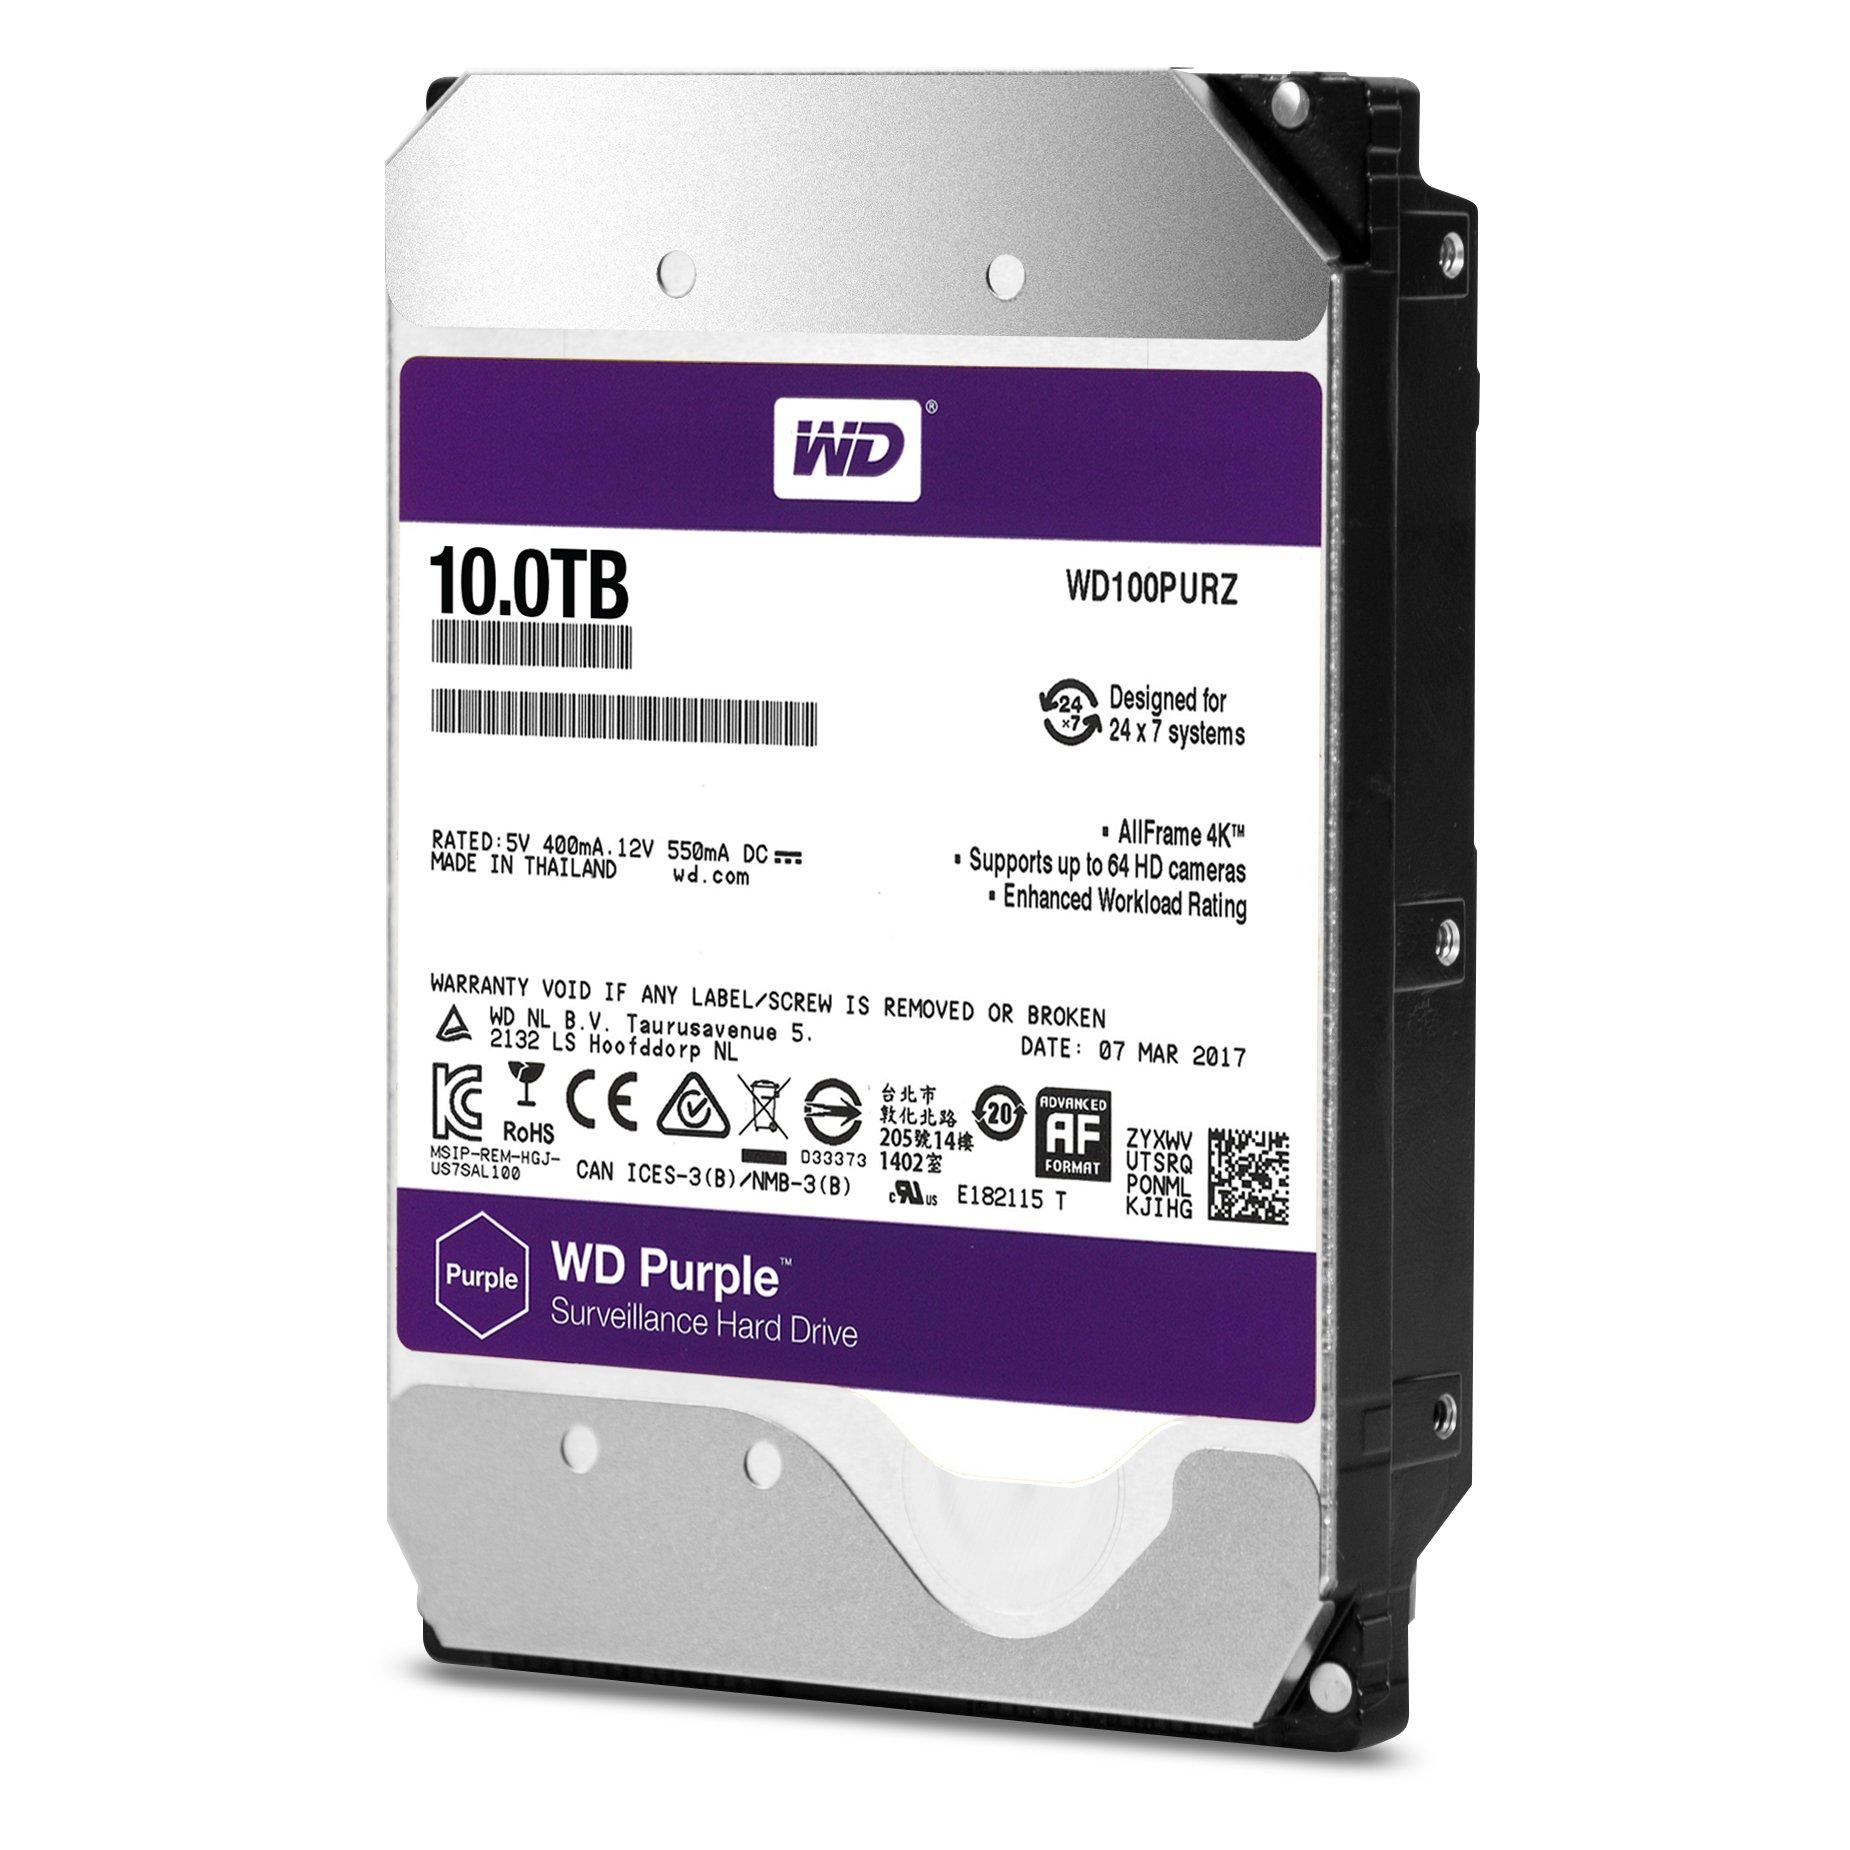 WD Purple 10TB Surveillance Hard Disk Drive - 5400 RPM Class SATA 6 Gb/s 256MB Cache 3.5 - WD100PURZ